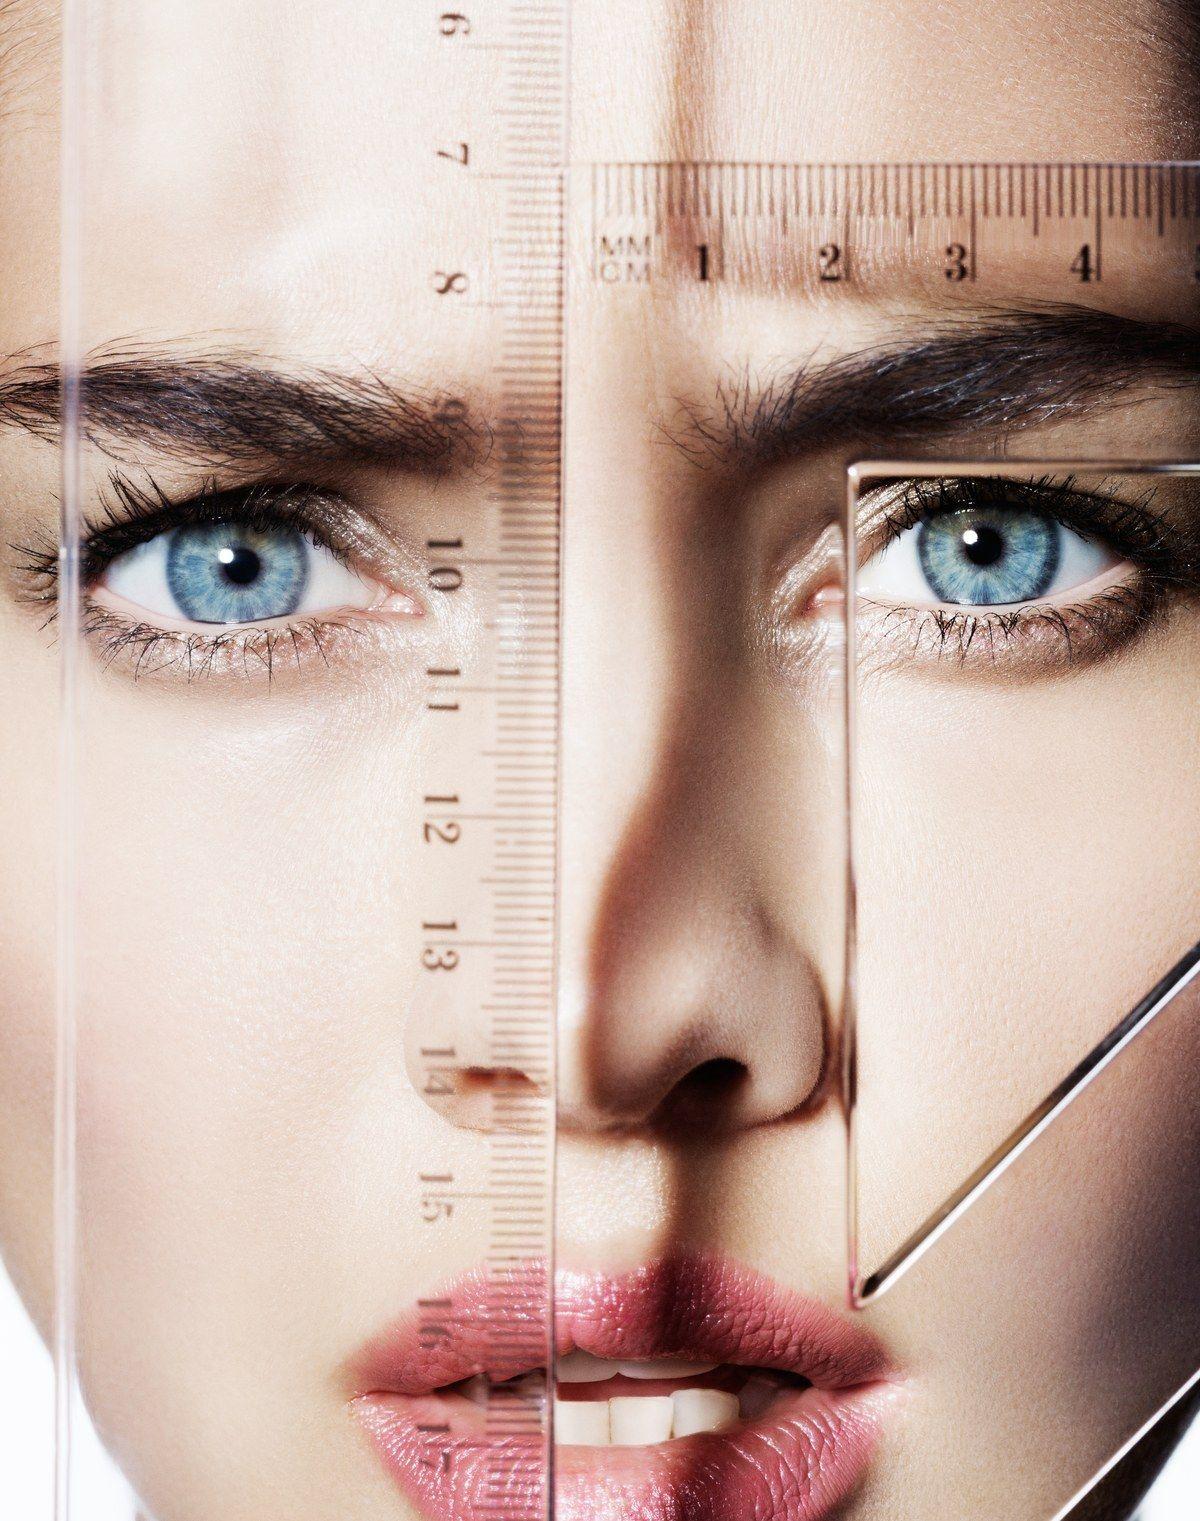 The Juiciest Plastic Surgery Secrets, According to Surgeons The Best Celebrity Plastic Surgery Secrets